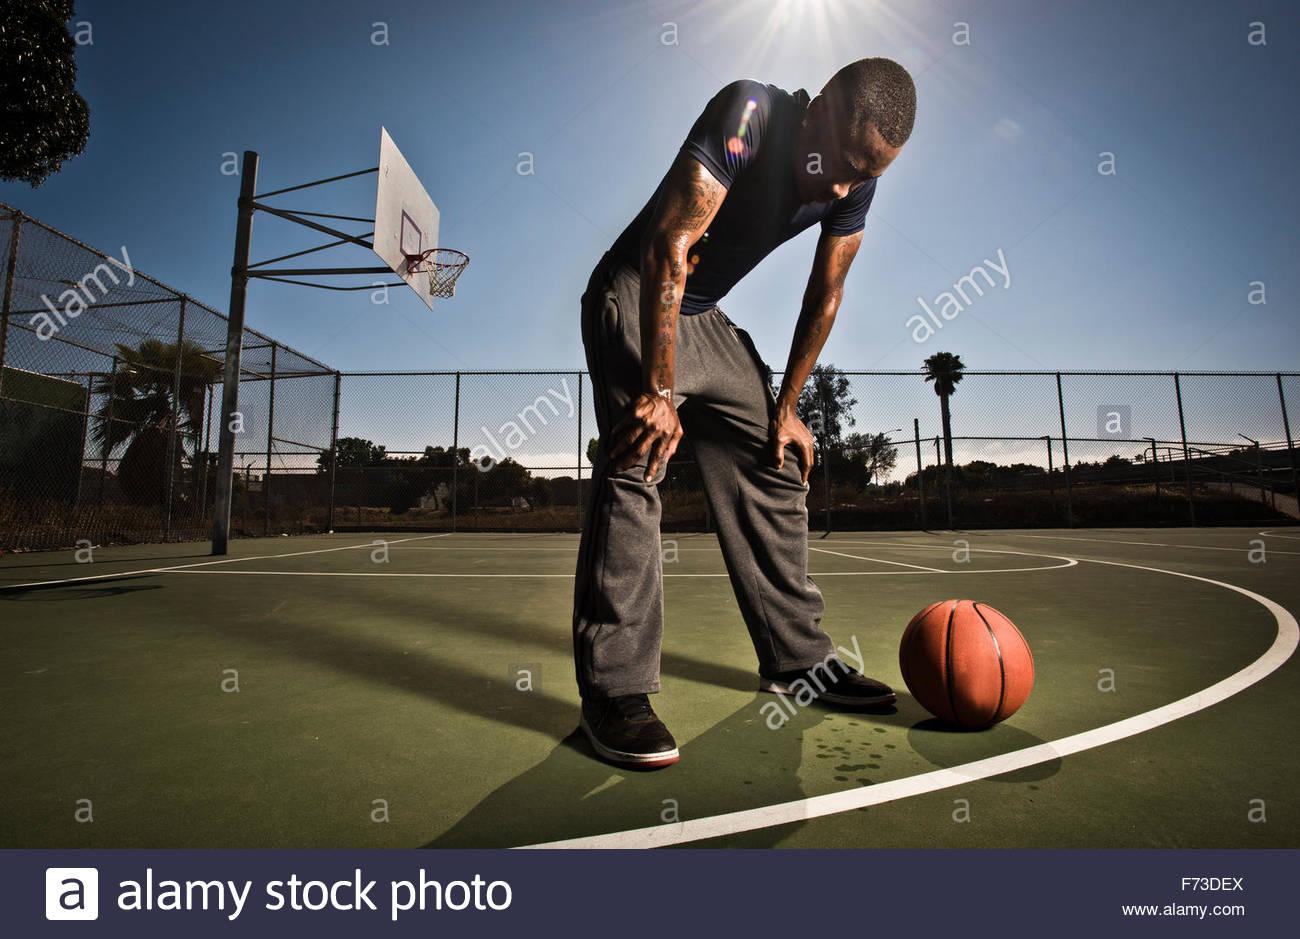 Un joueur de basket-ball prend une pause du jeu. Photo Stock